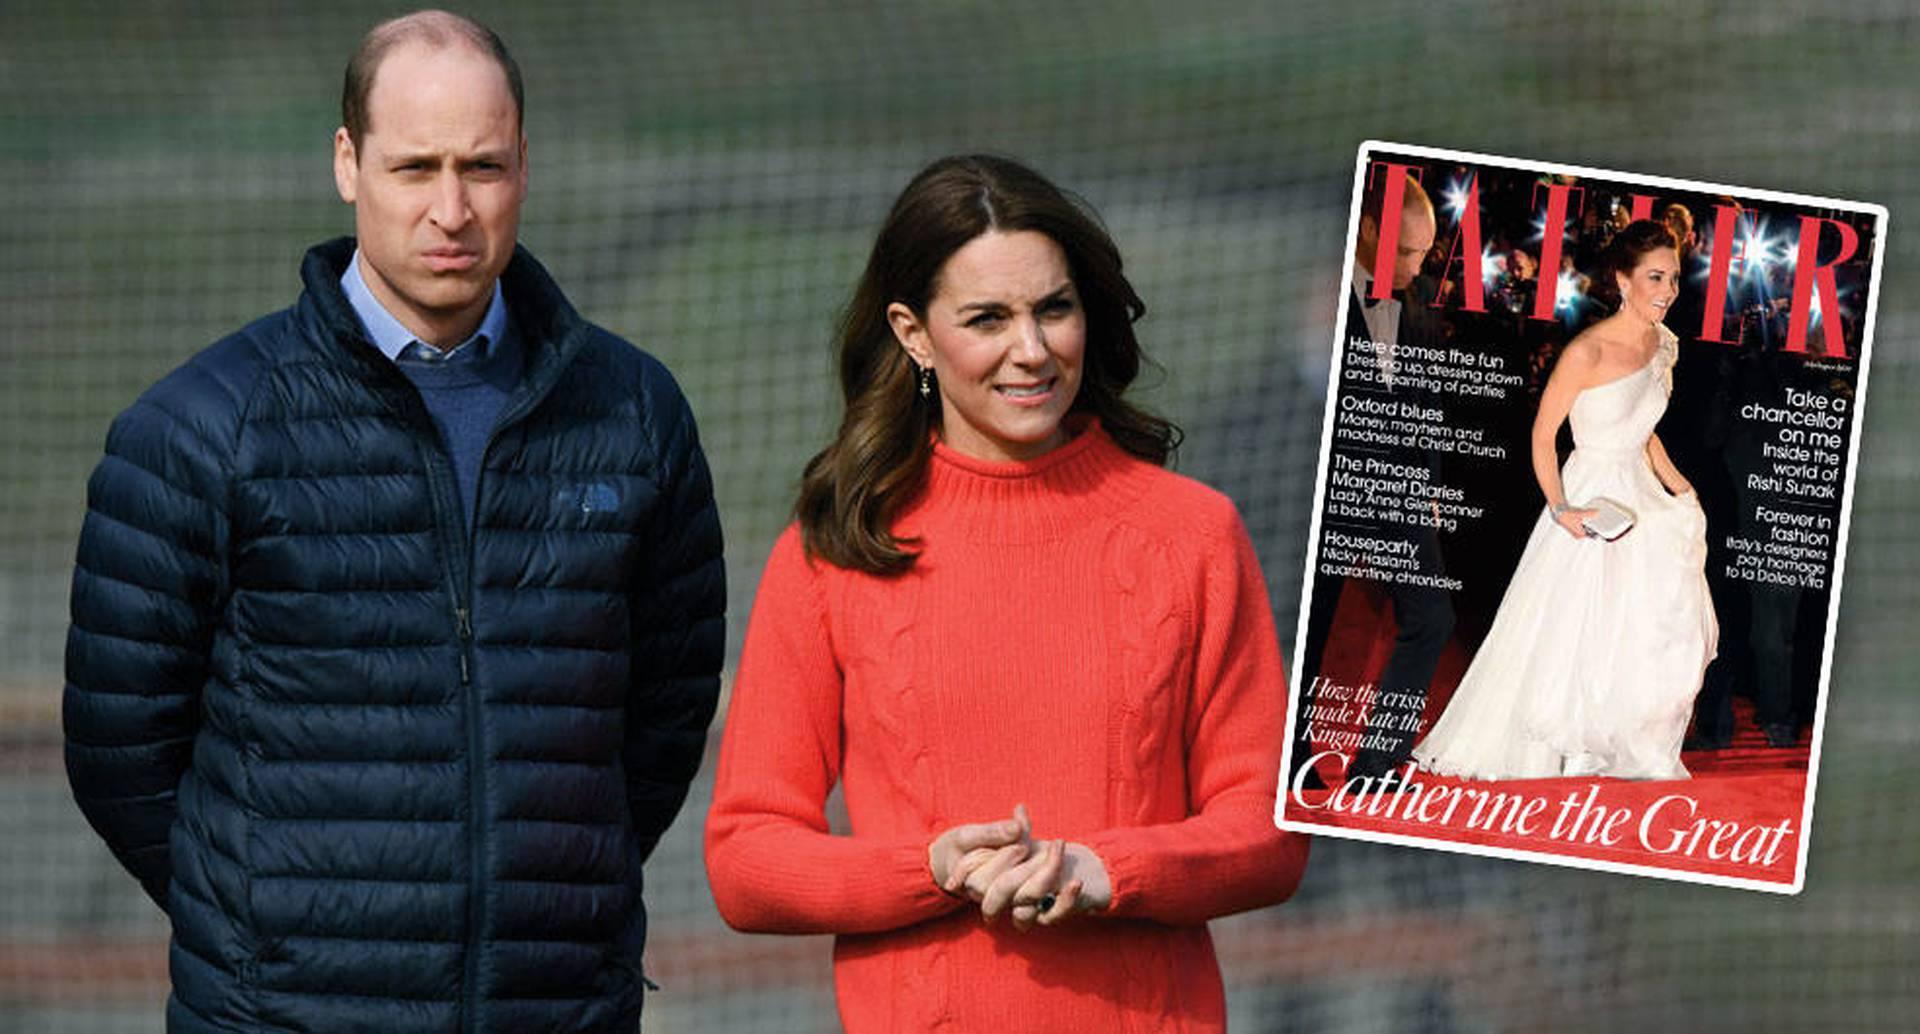 El príncipe William y Kate Middleton pidieron una rectificación a la revista Tatler y quieren que bajen el artículo de internet.